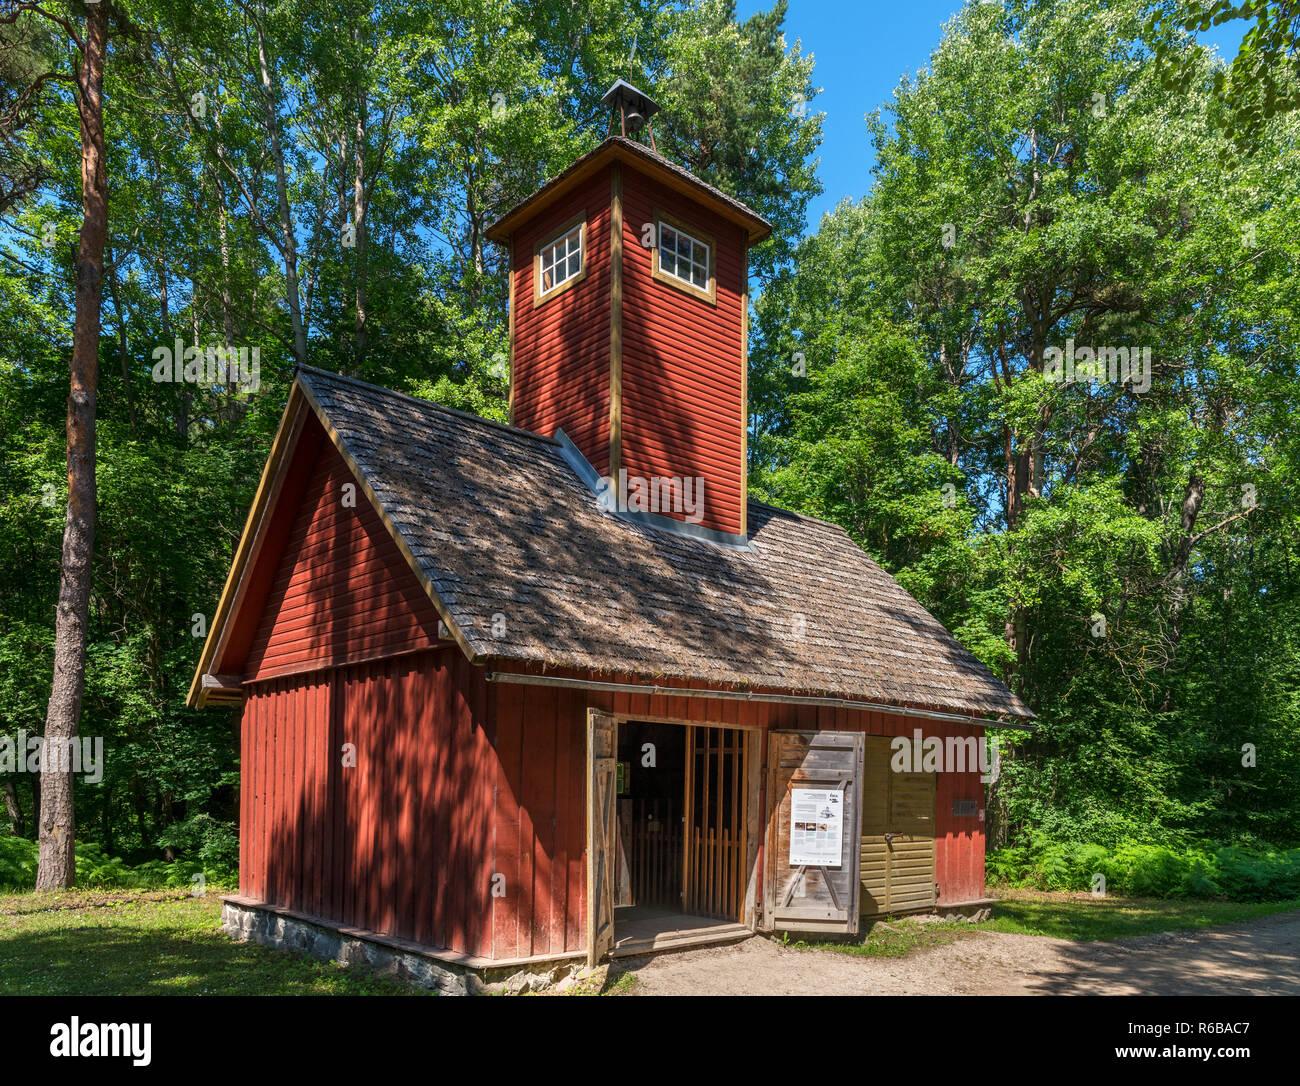 The 1928 Fire Station from  Orgmetsa village in Järva-Madise parish, Estonian Open Air Museum (Vabaõhumuuseum), Tallinn, Estonia - Stock Image